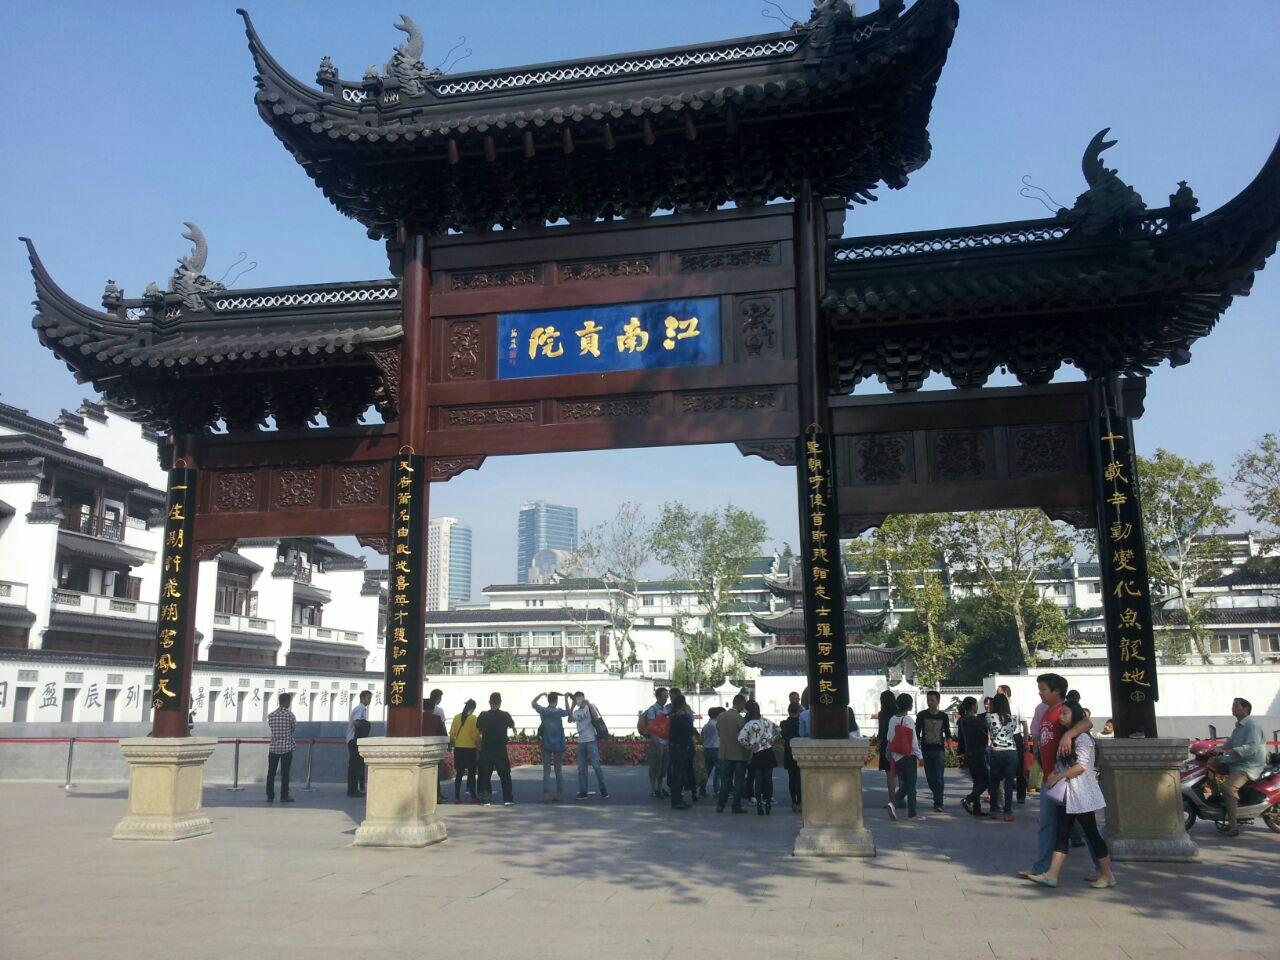 【携程攻略】南京夫子庙好玩吗,南京夫子庙景点怎么样